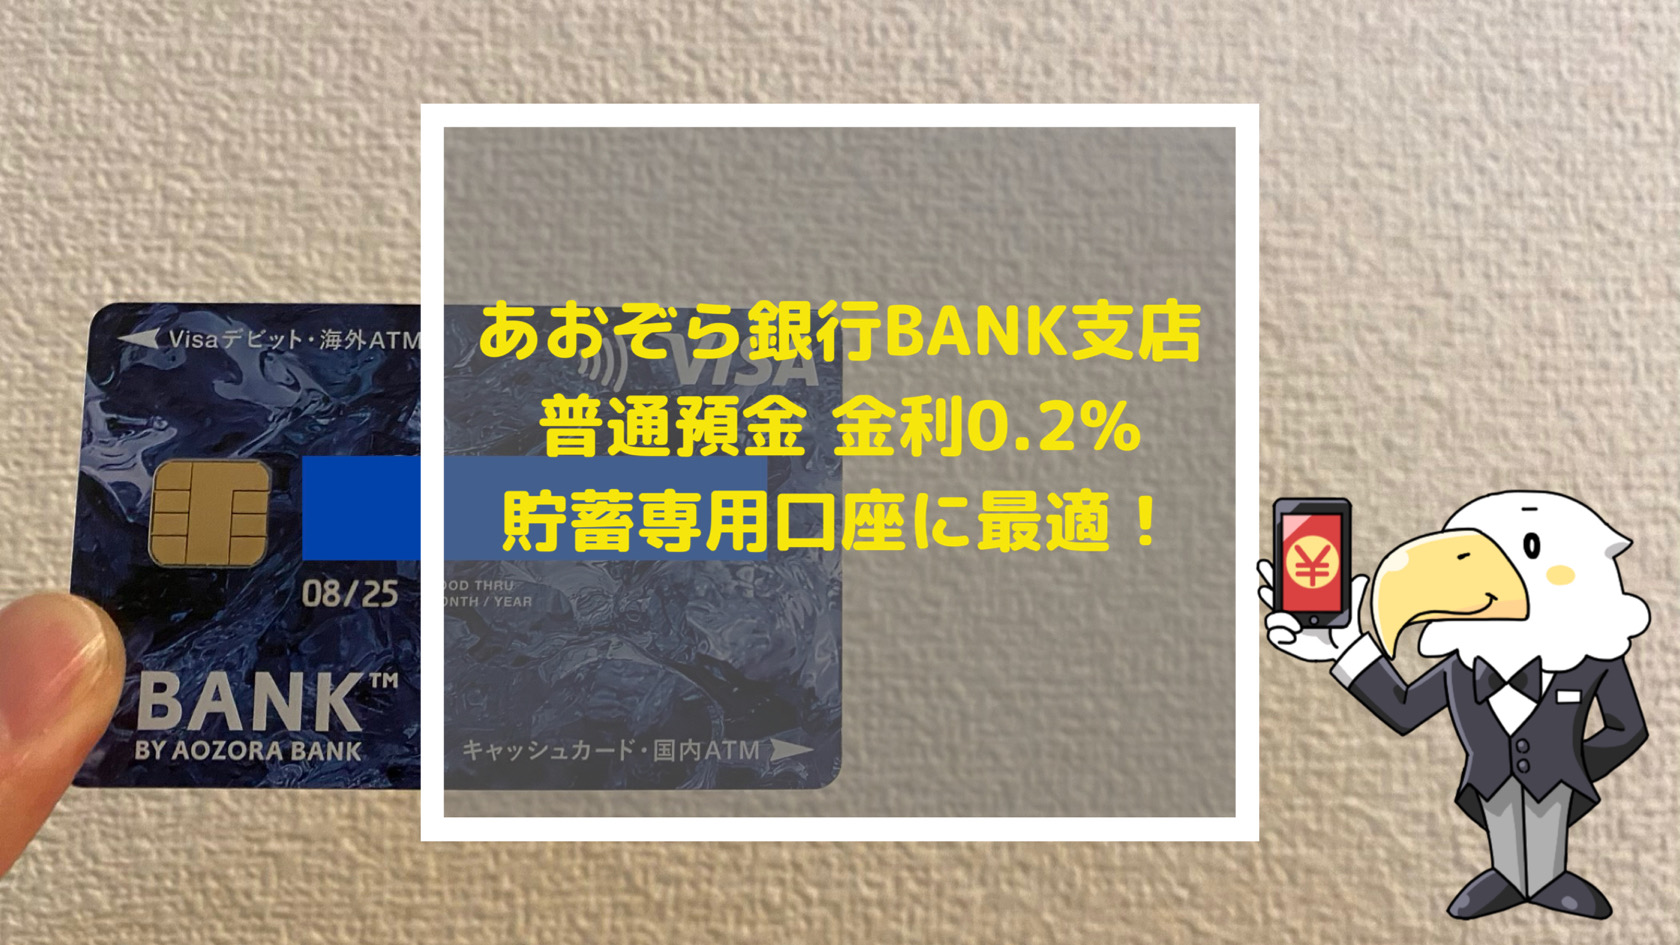 あおぞら銀行BANK支店 アイコン